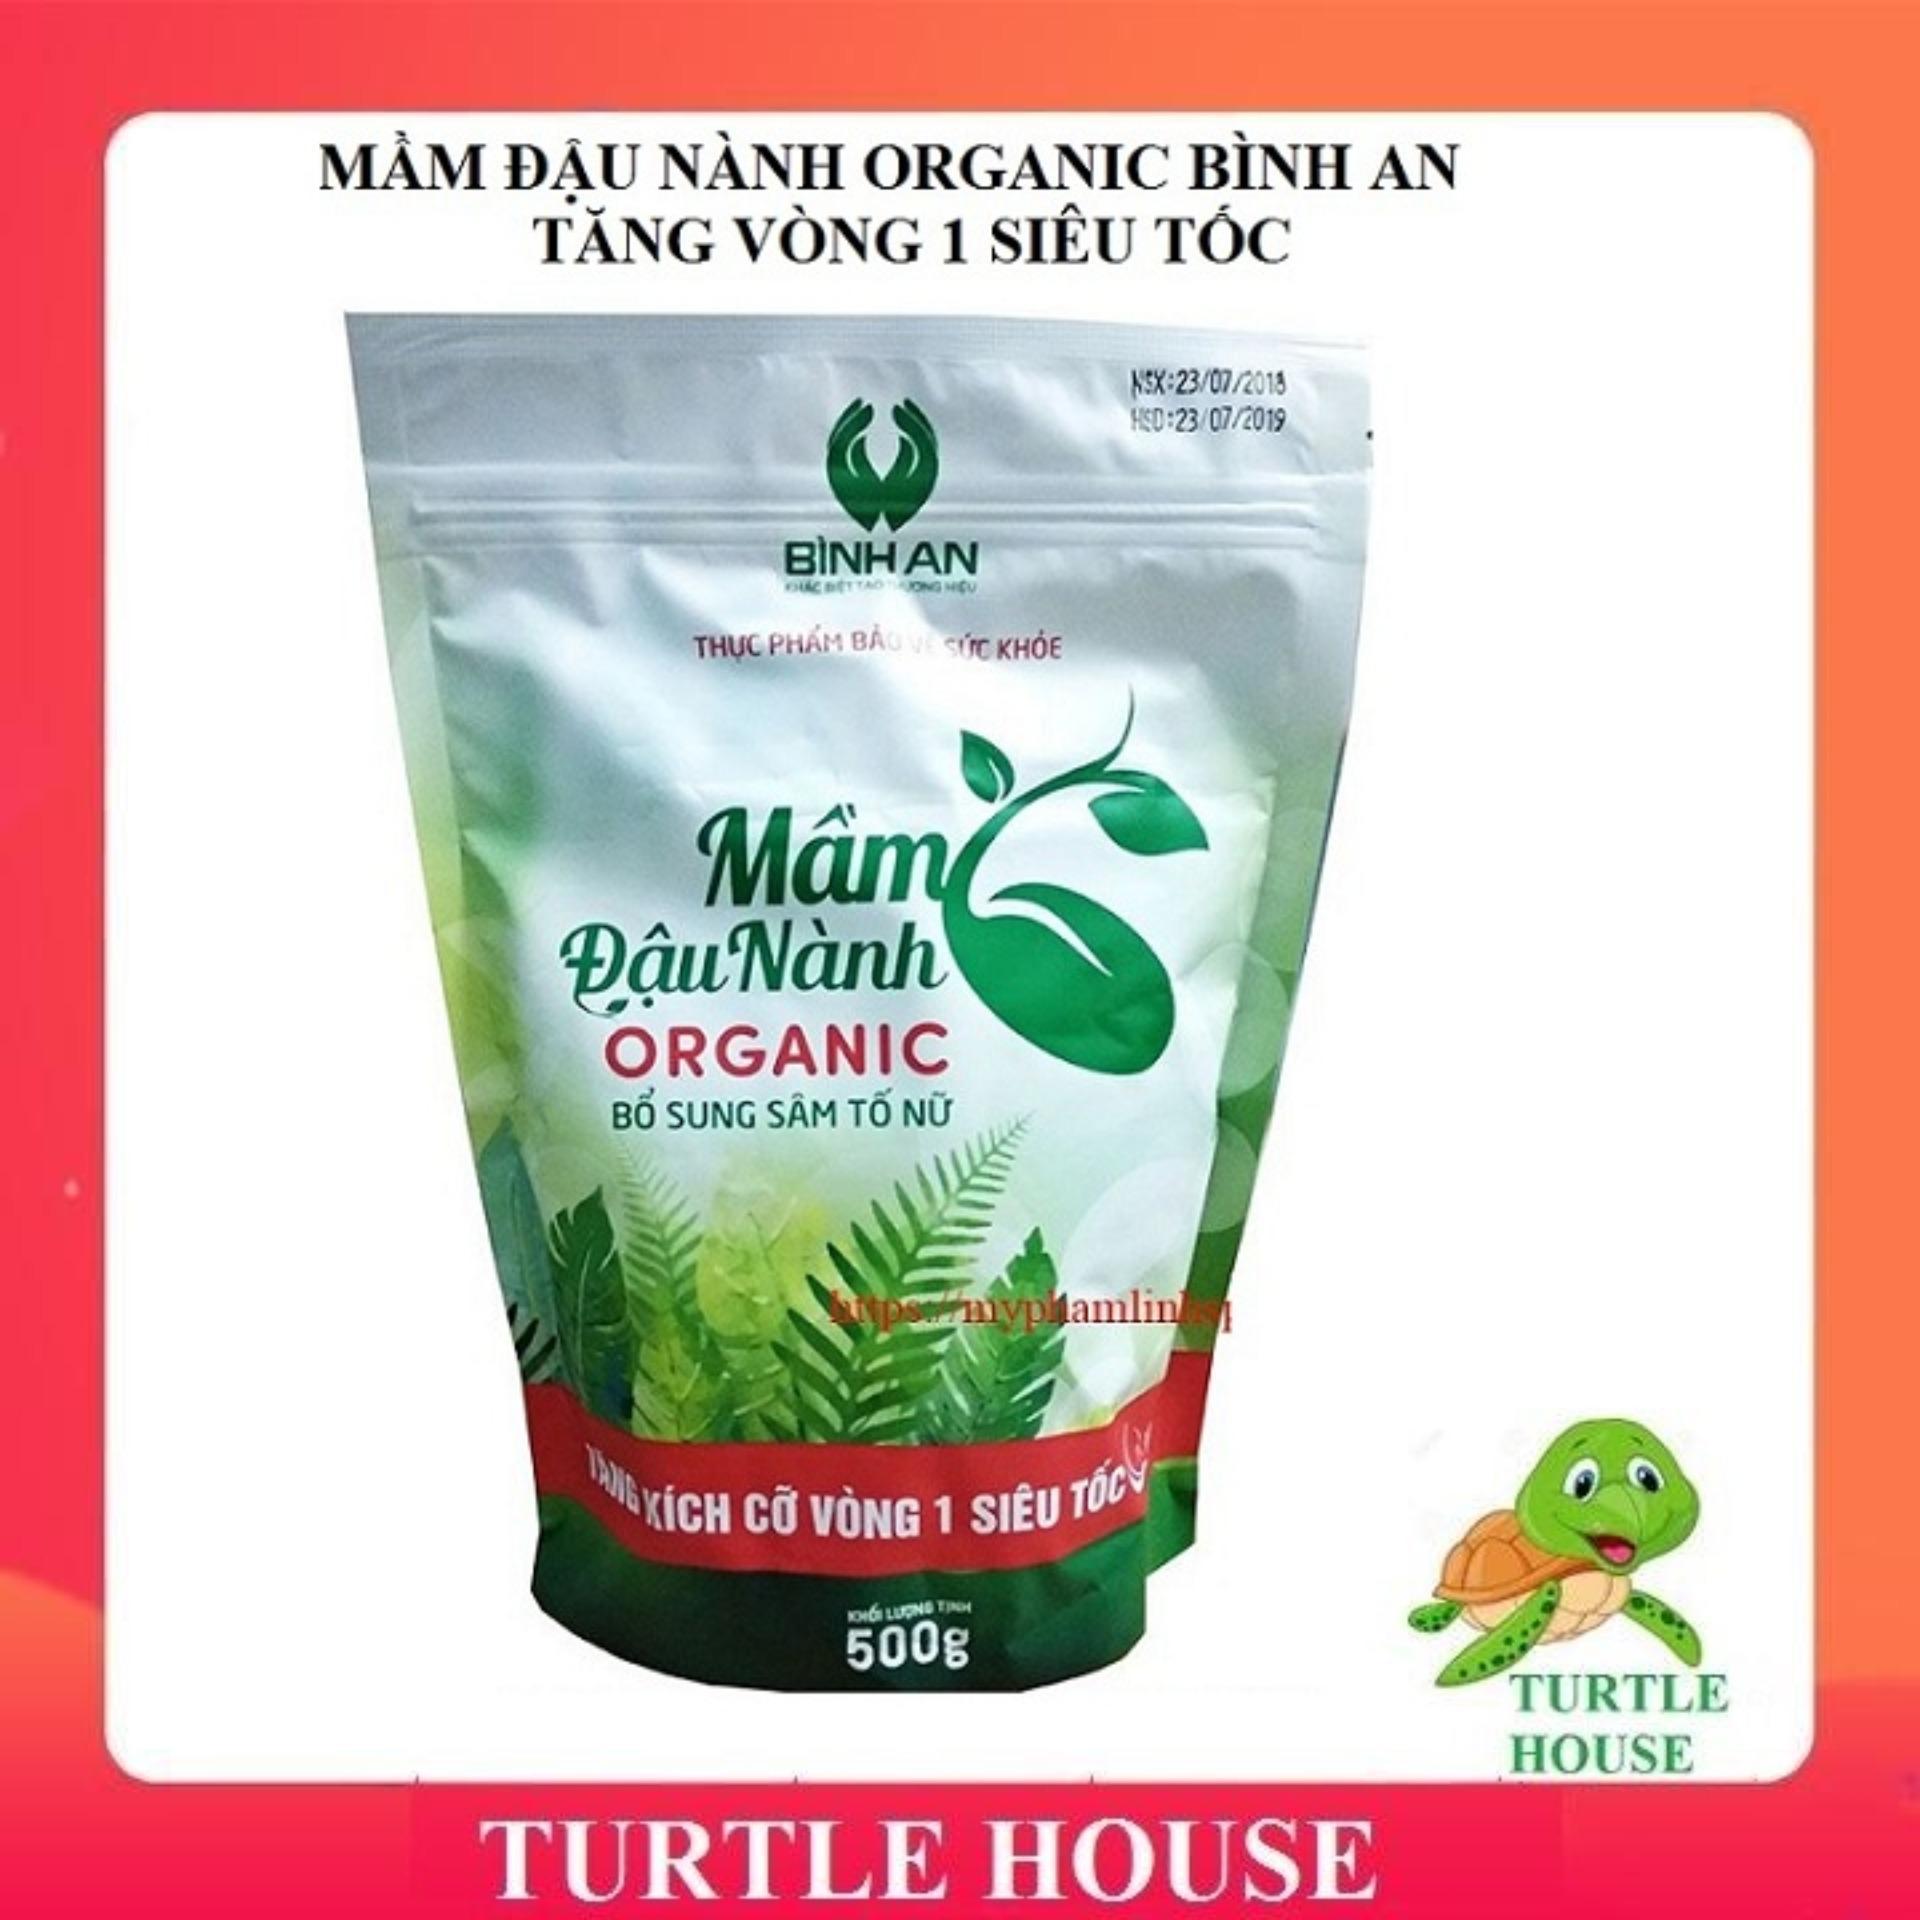 Mầm đậu nành Organic Bình An được bổ sung Sâm tố nữ giúp tăng vòng 1 tự nhiên ( gói 500gr)